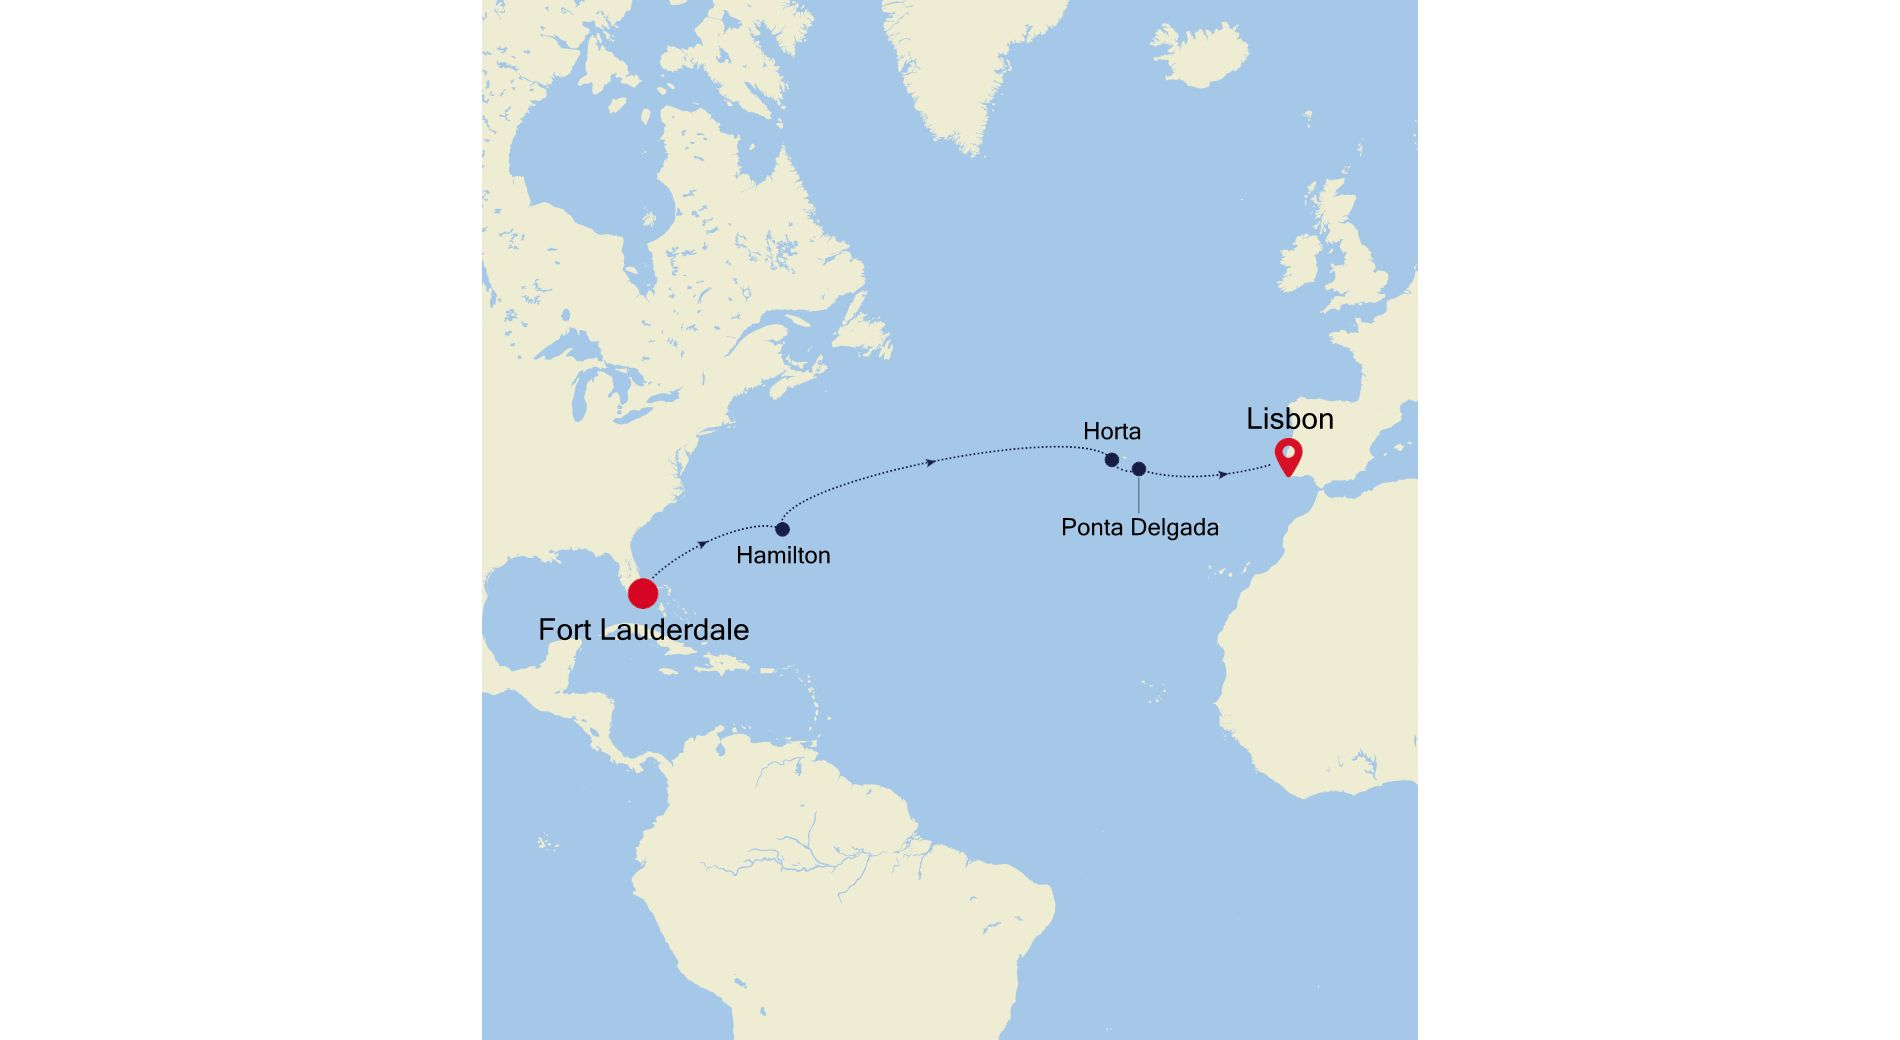 5910 - Fort Lauderdale a Lisbon